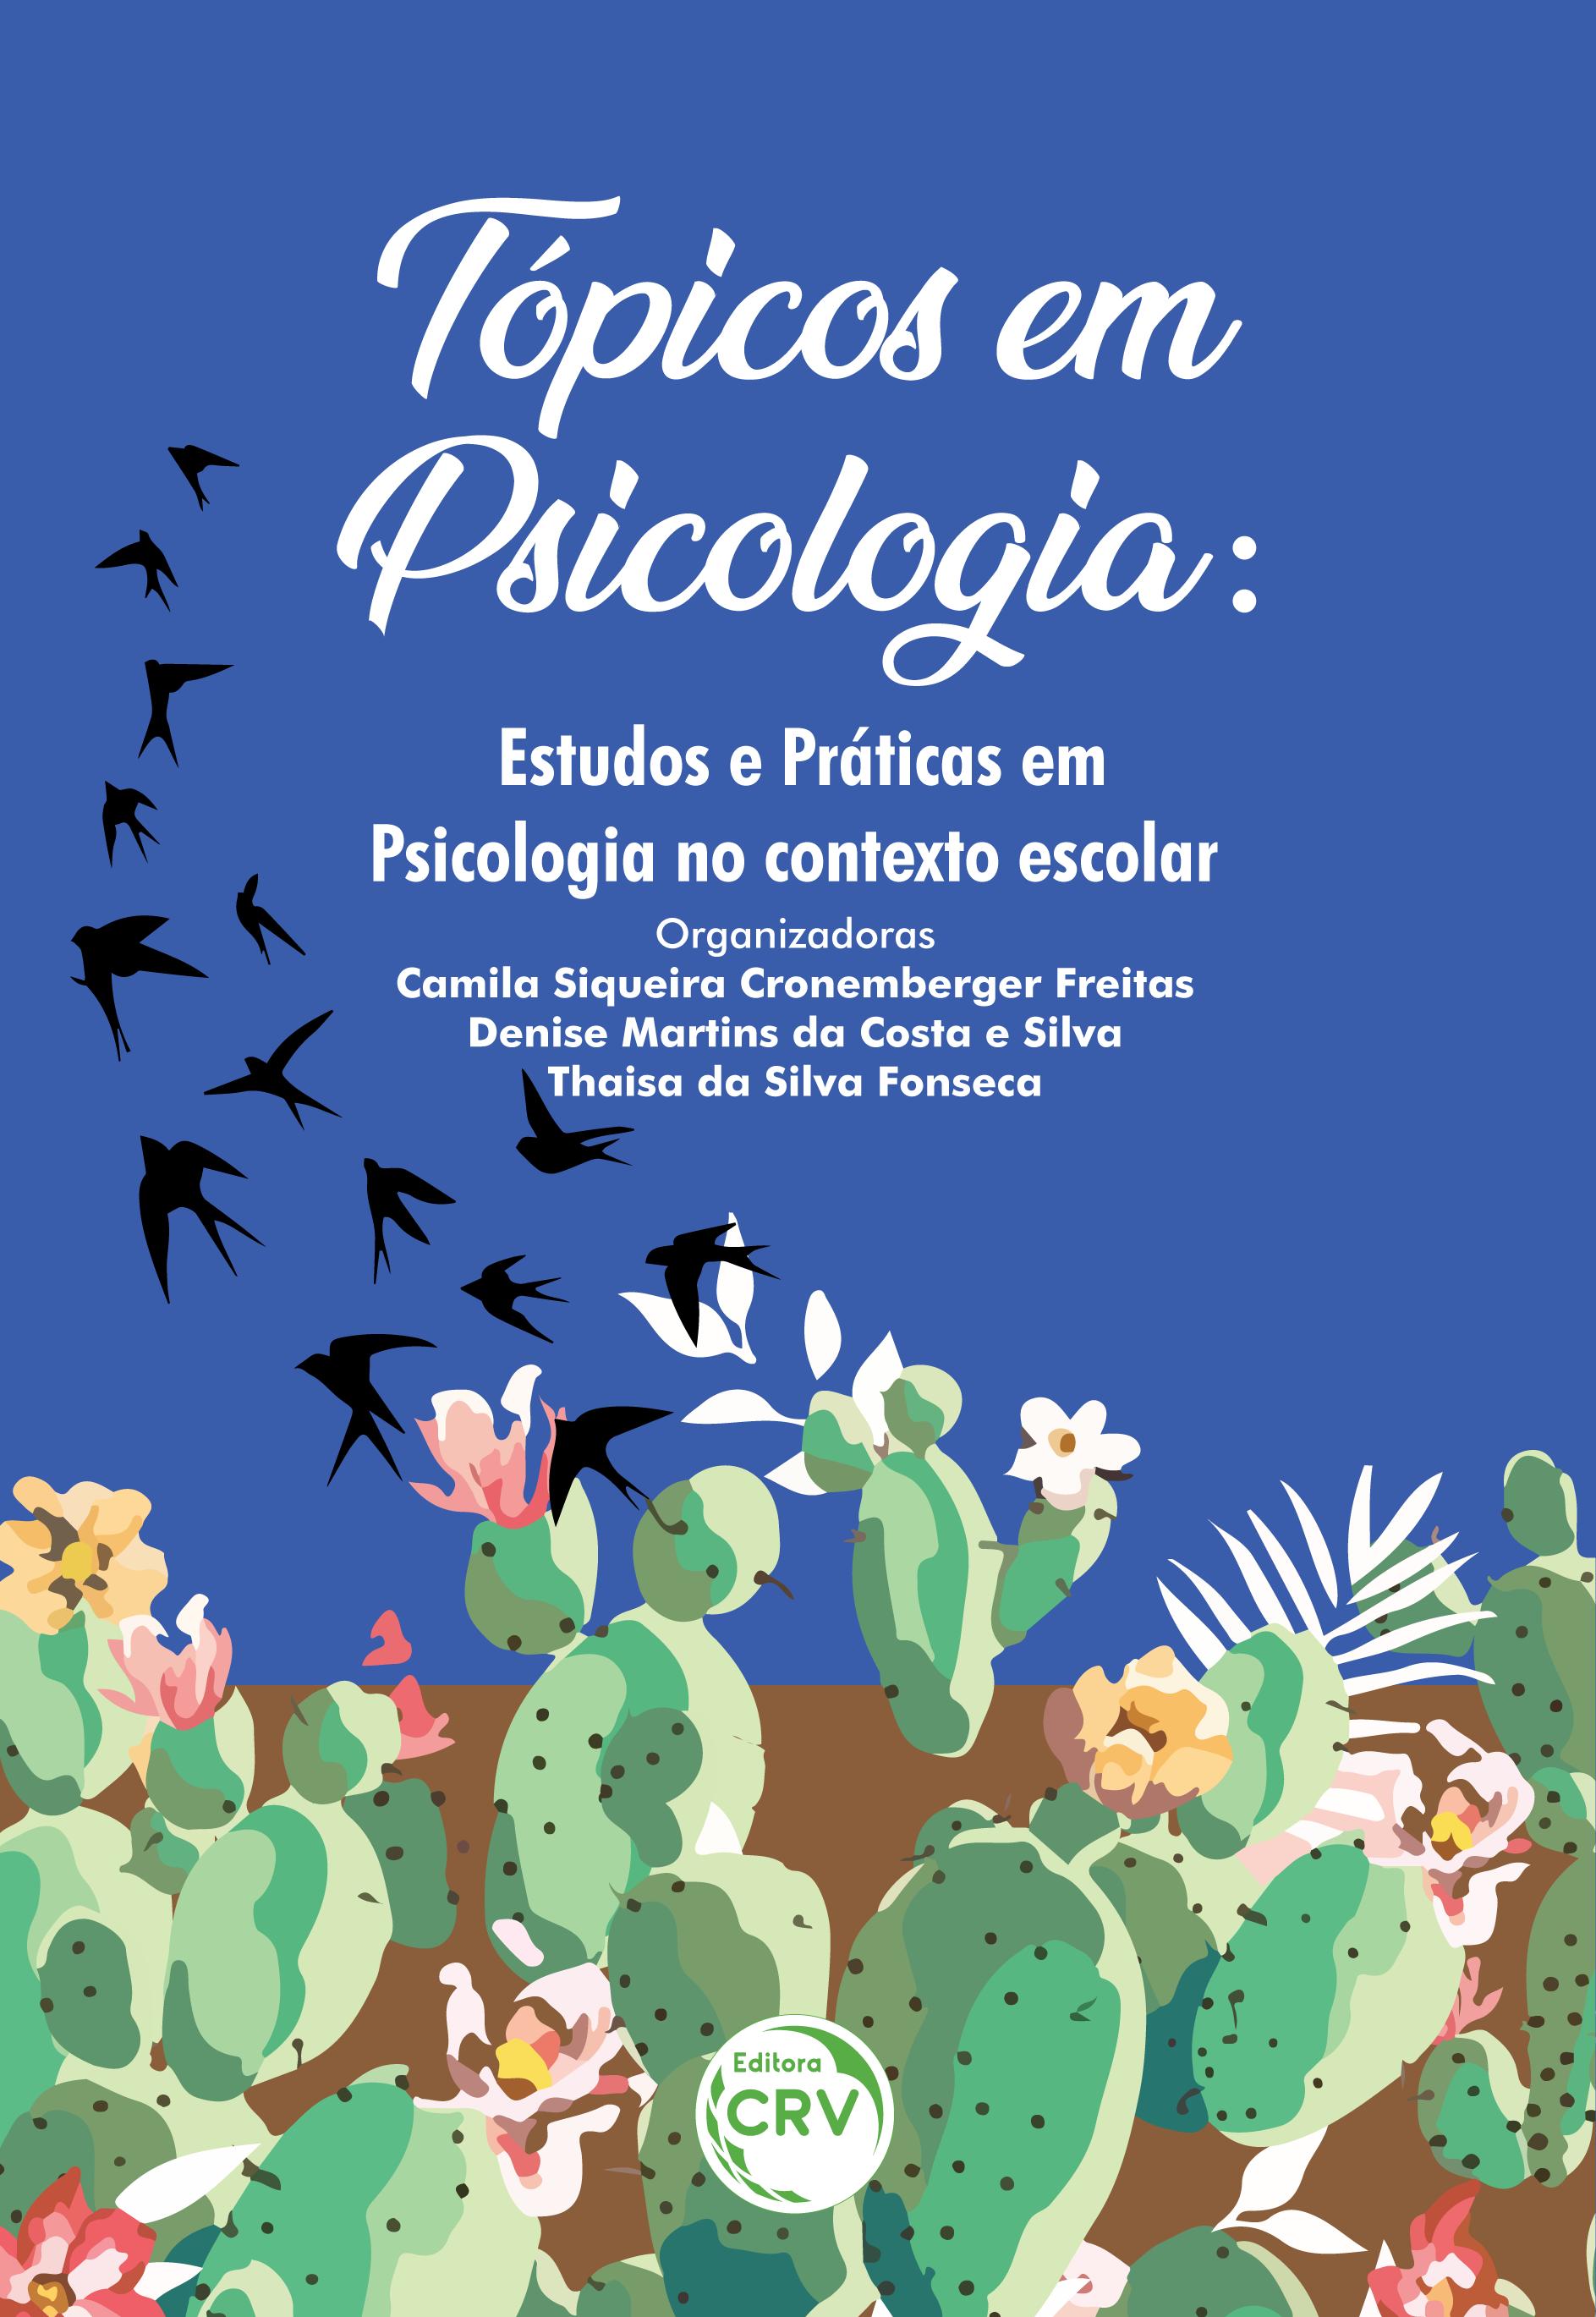 Capa do livro: TÓPICOS EM PSICOLOGIA:  <br>estudos e práticas em Psicologia no contexto escolar